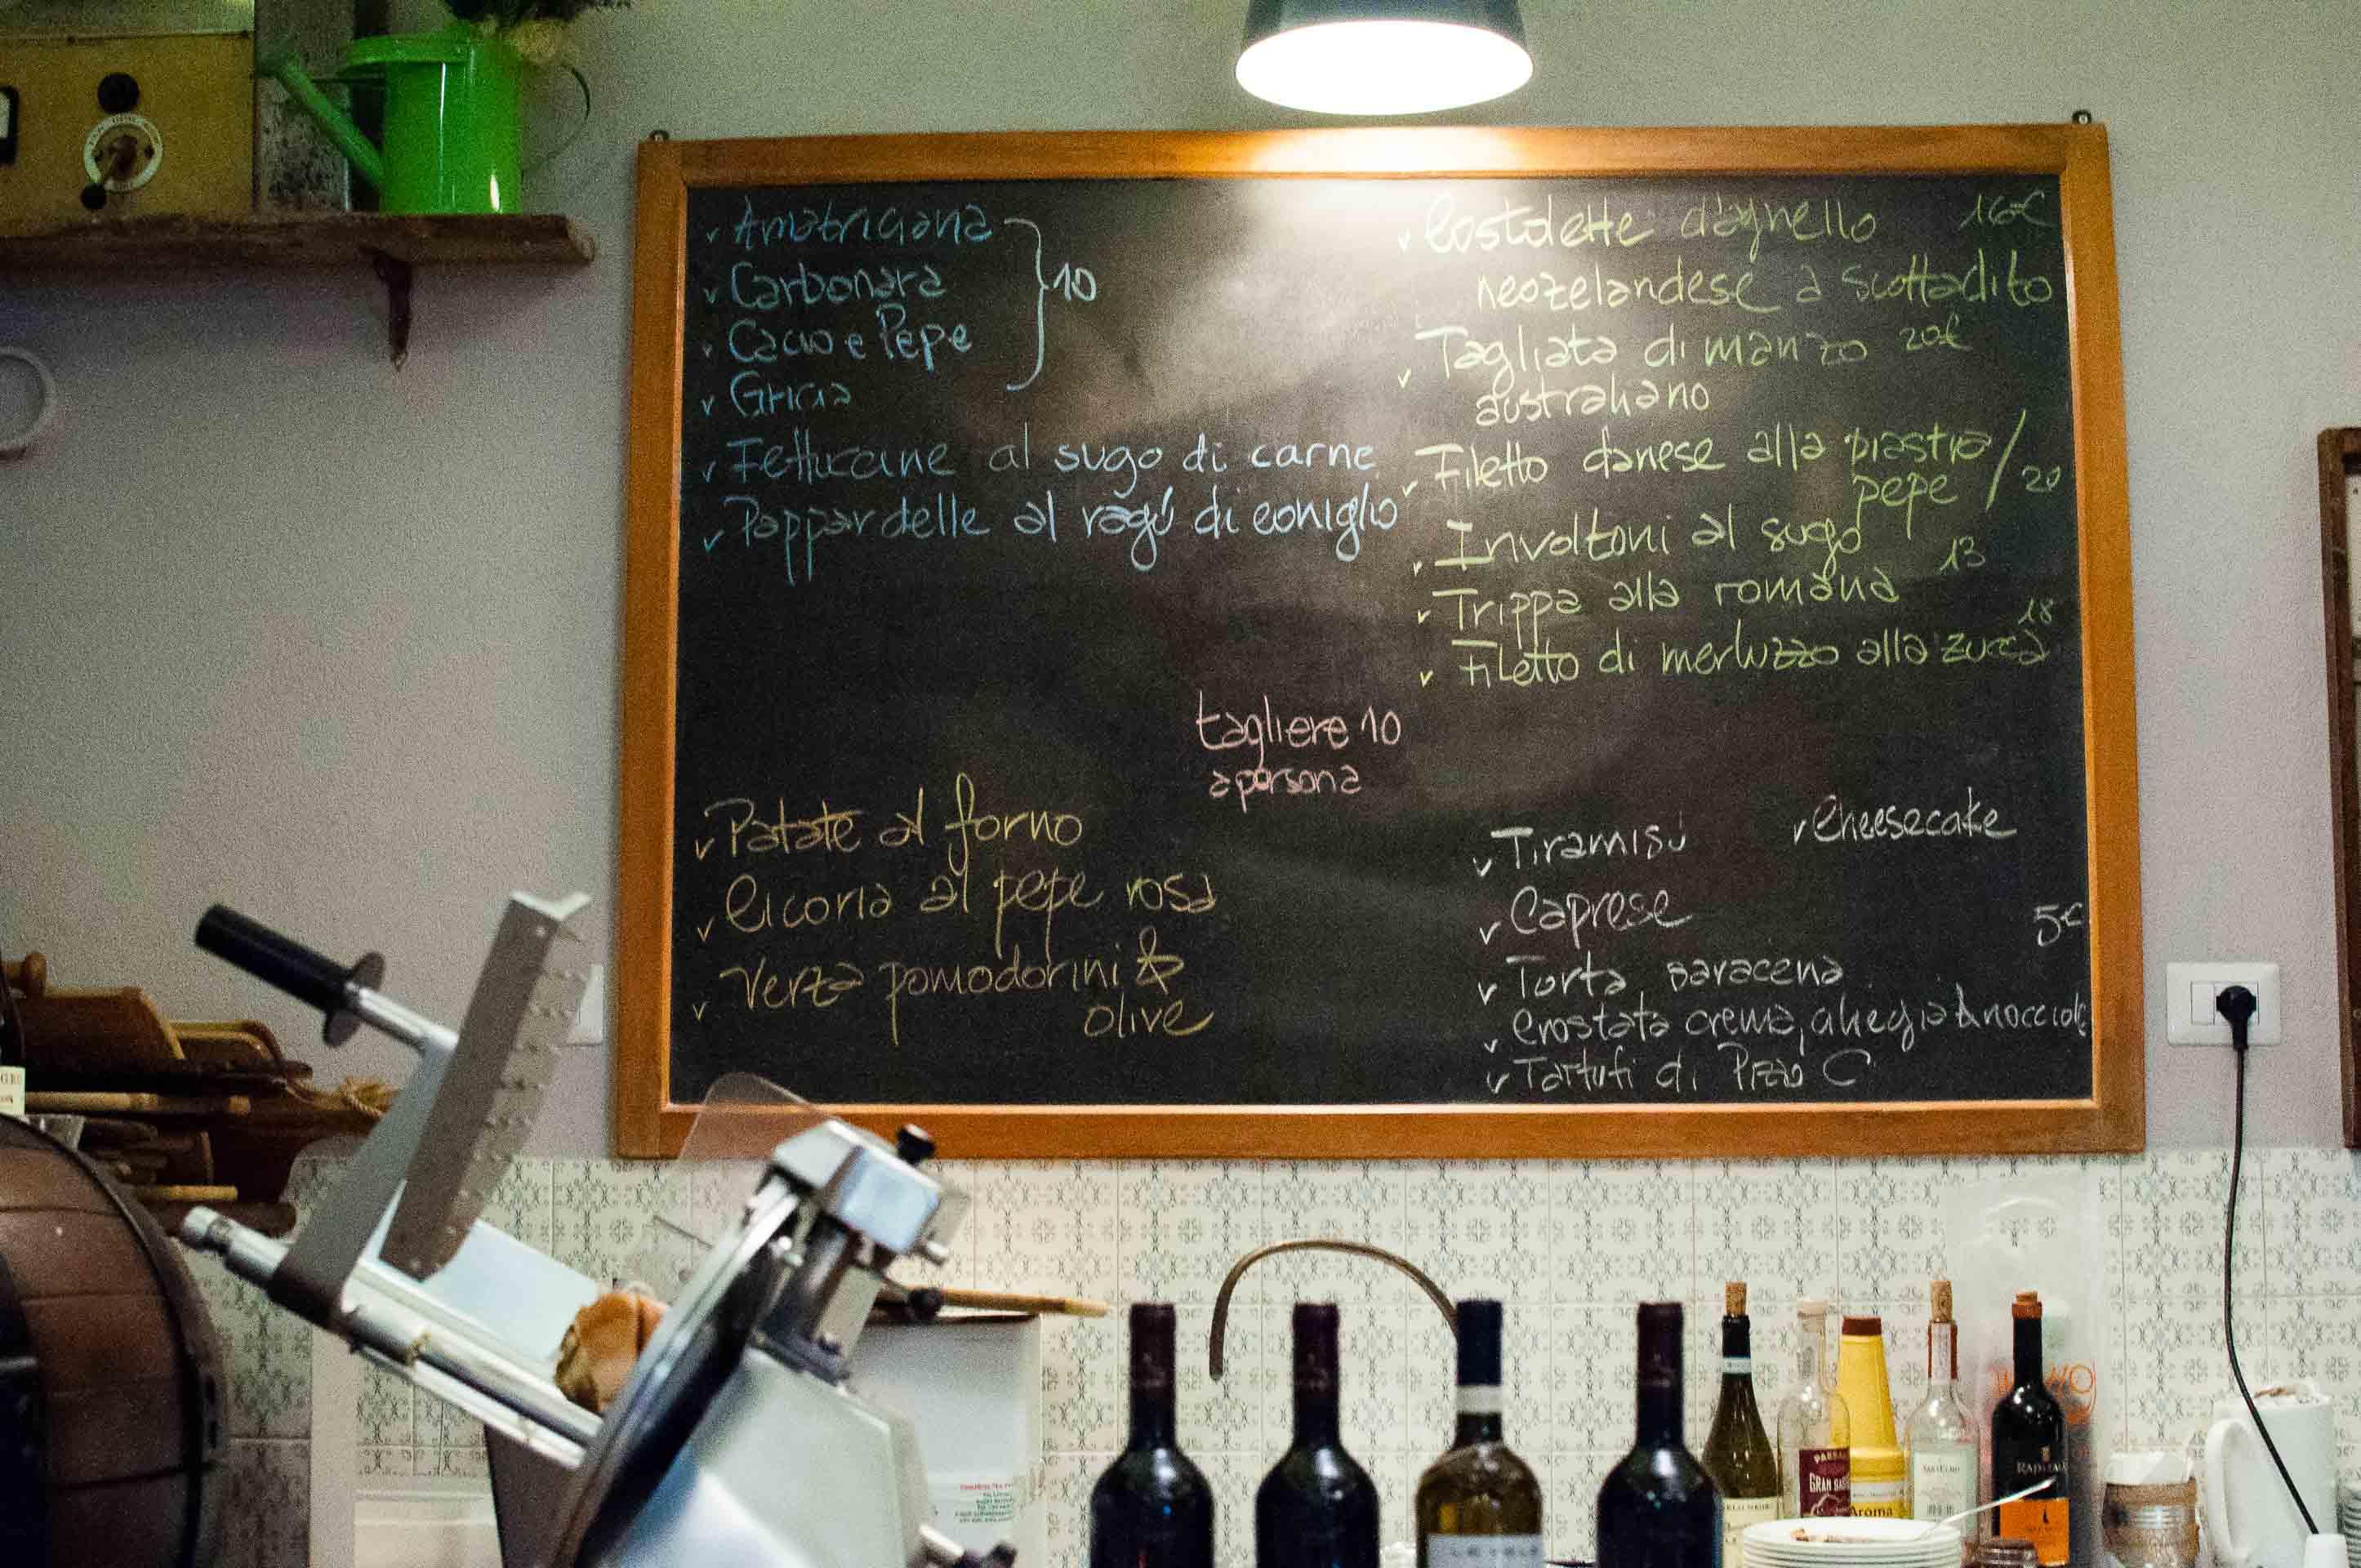 Osteria Sette menu